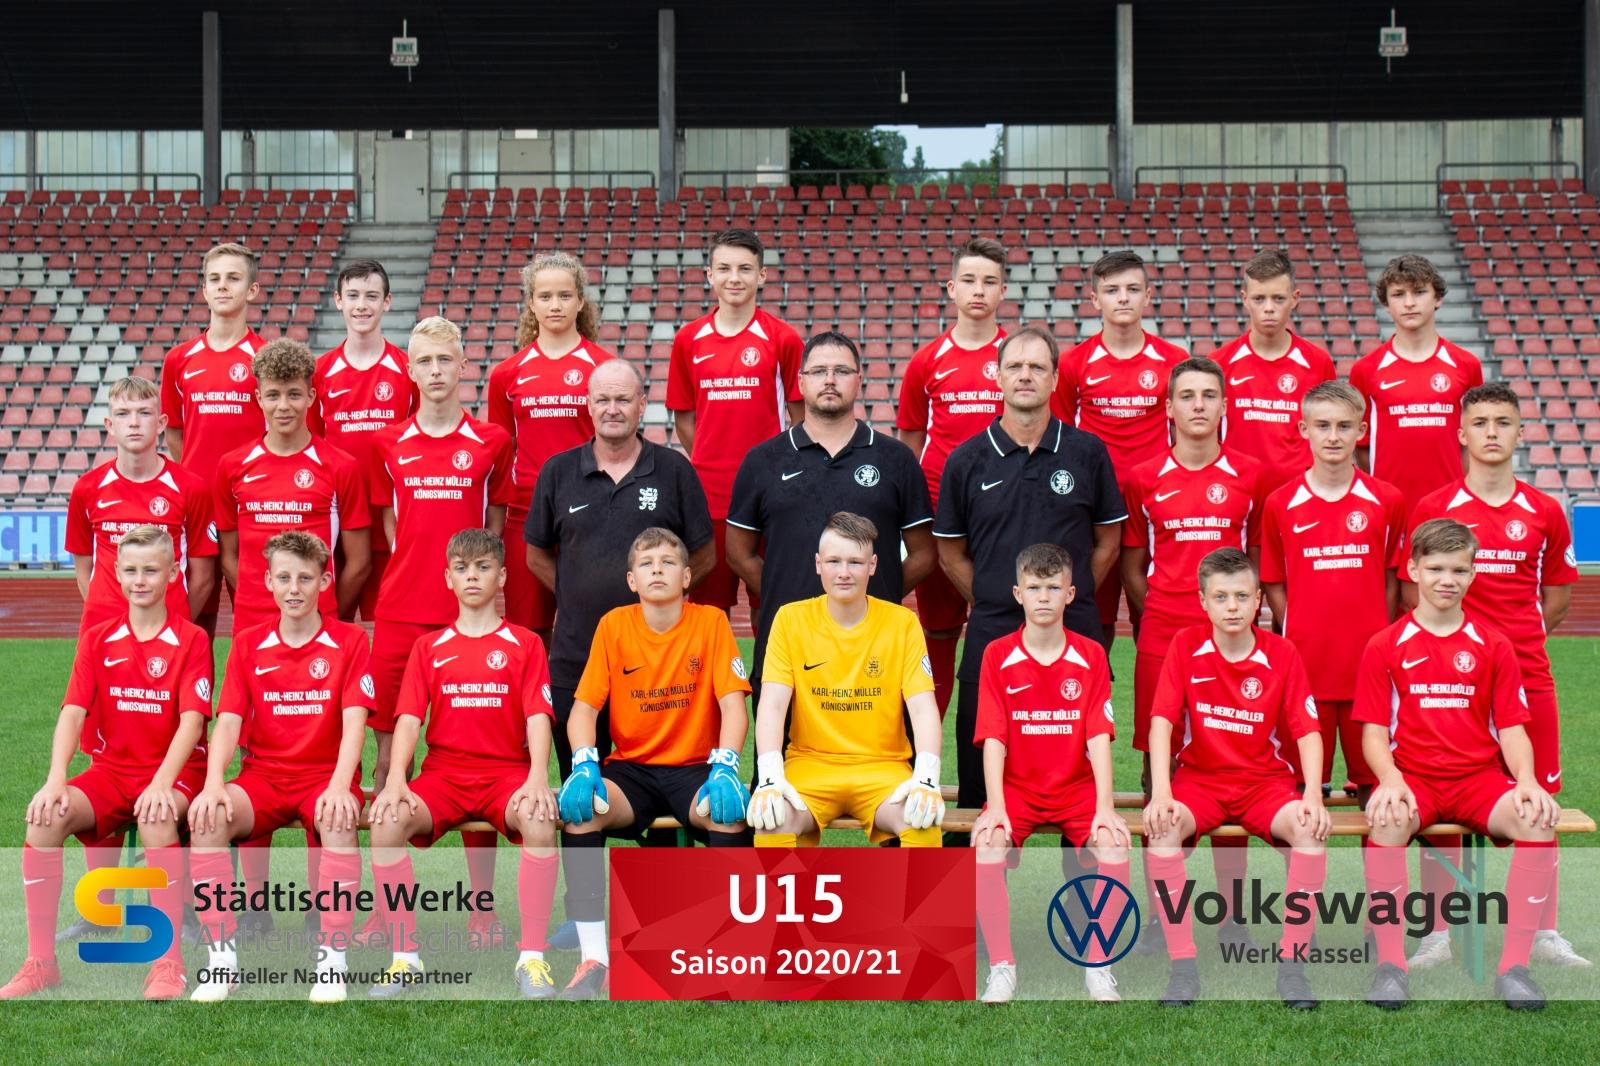 U15 Mannschaft 2020_21